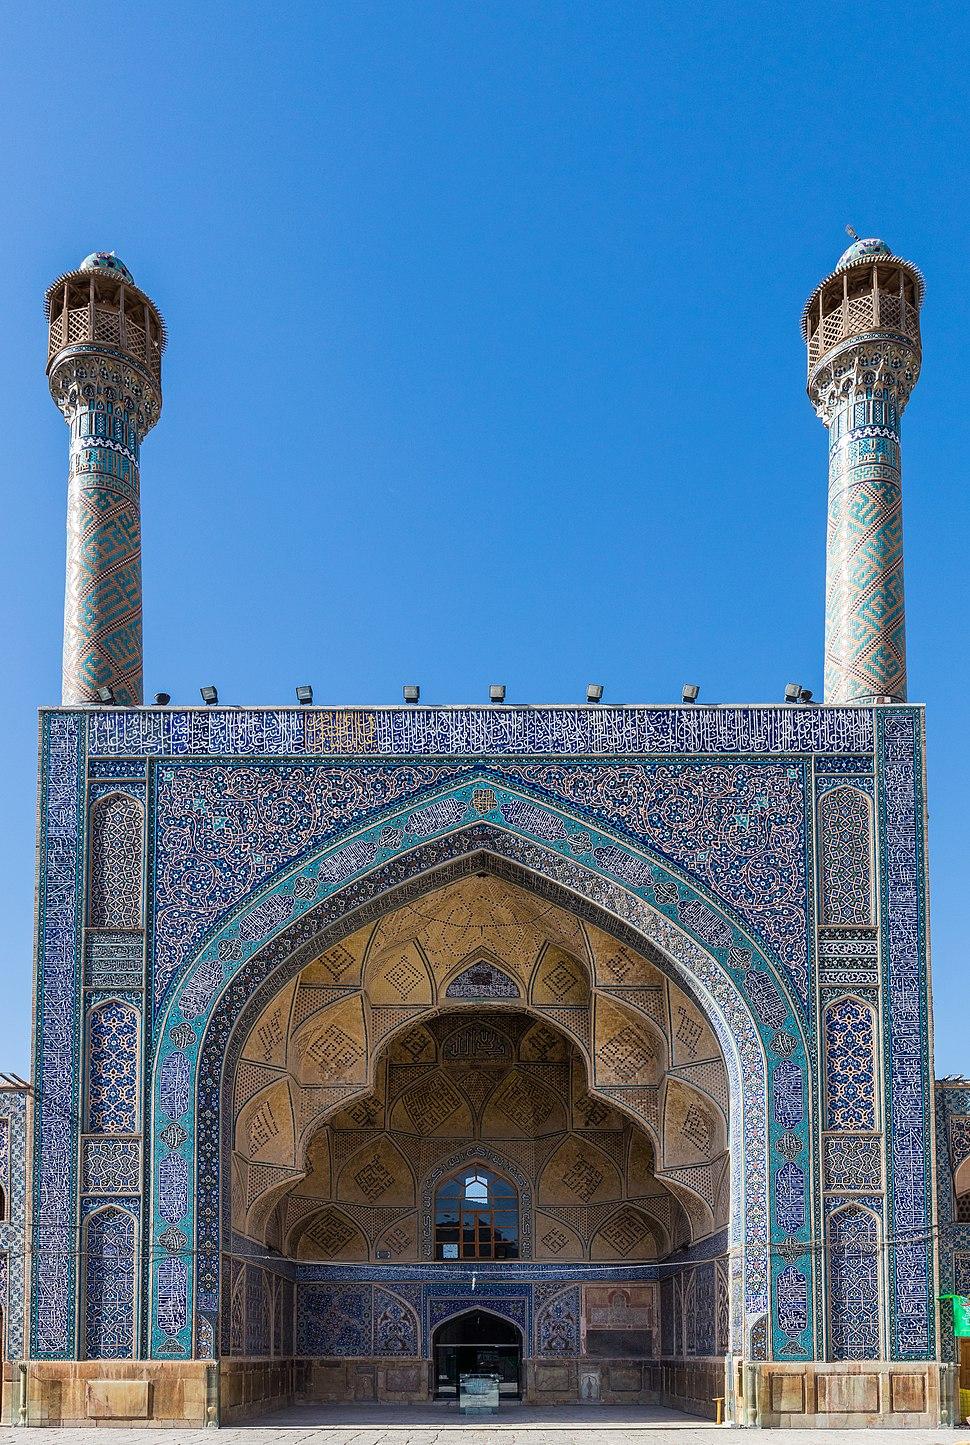 Gran Mezquita de Isfah%C3%A1n, Isfah%C3%A1n, Ir%C3%A1n, 2016-09-20, DD 24